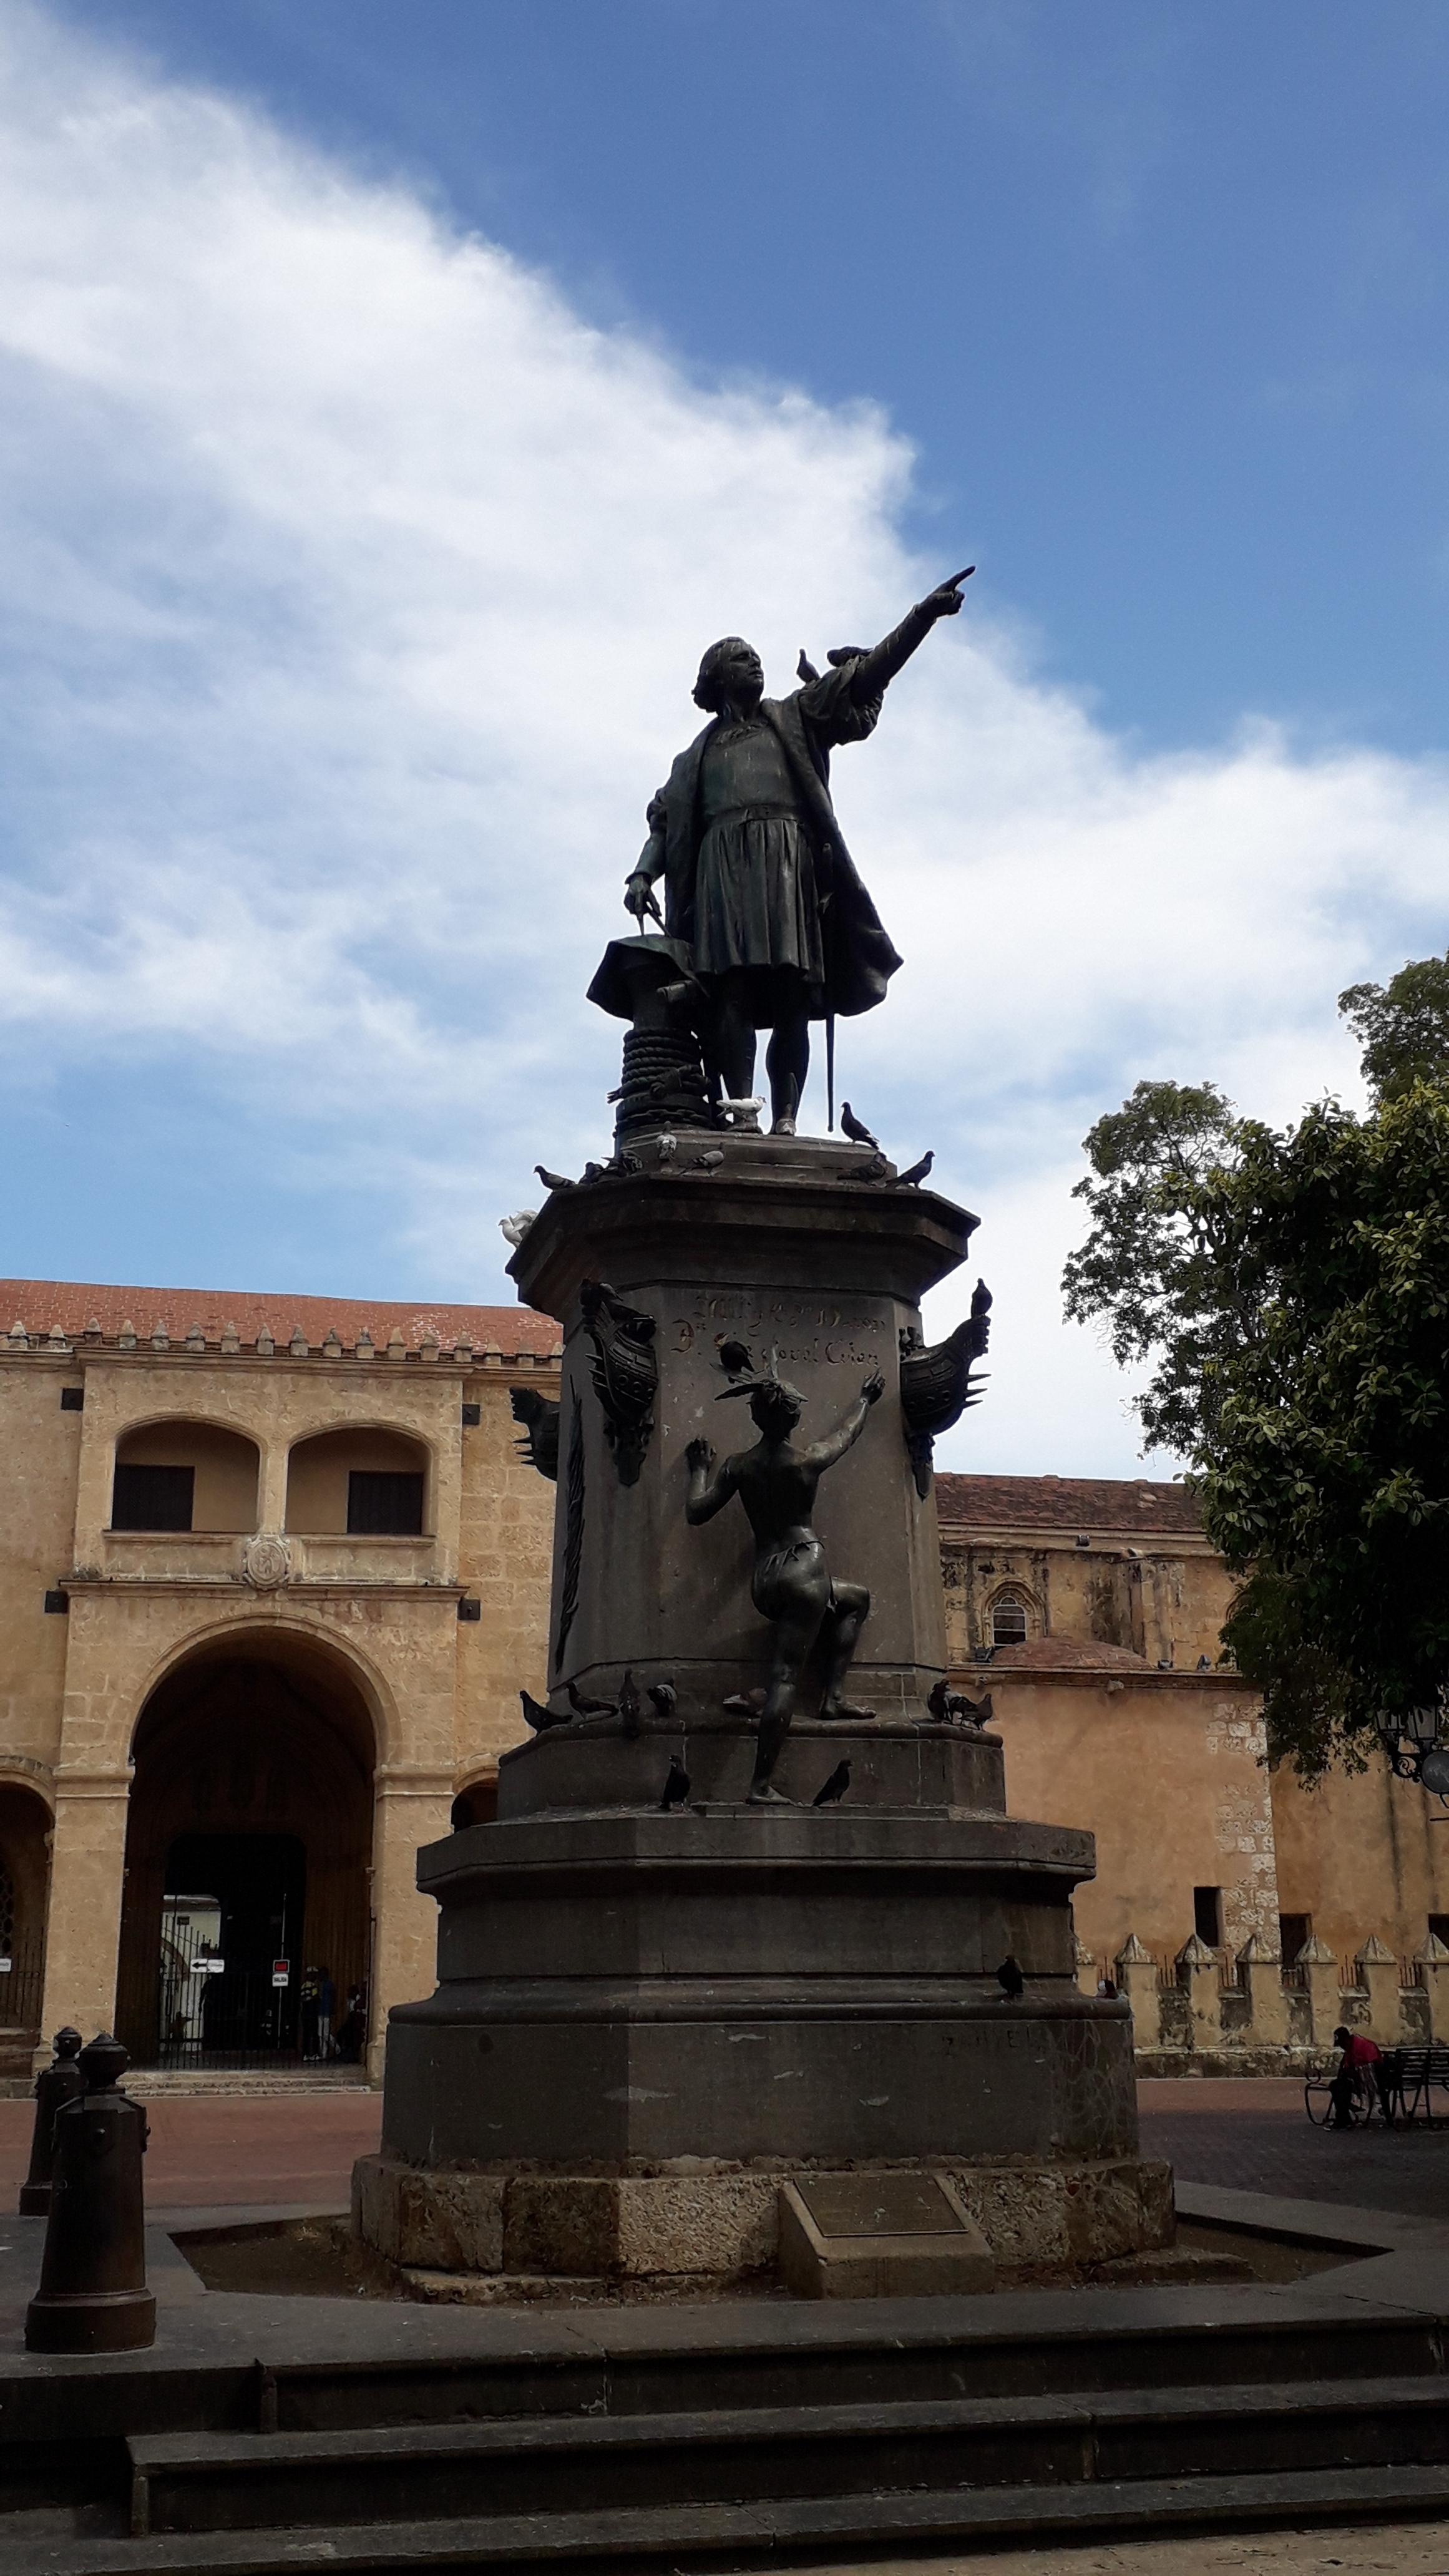 Socha Kryštofa Kolumba v Santo Domingu, hlavním městě Dominikánské republiky